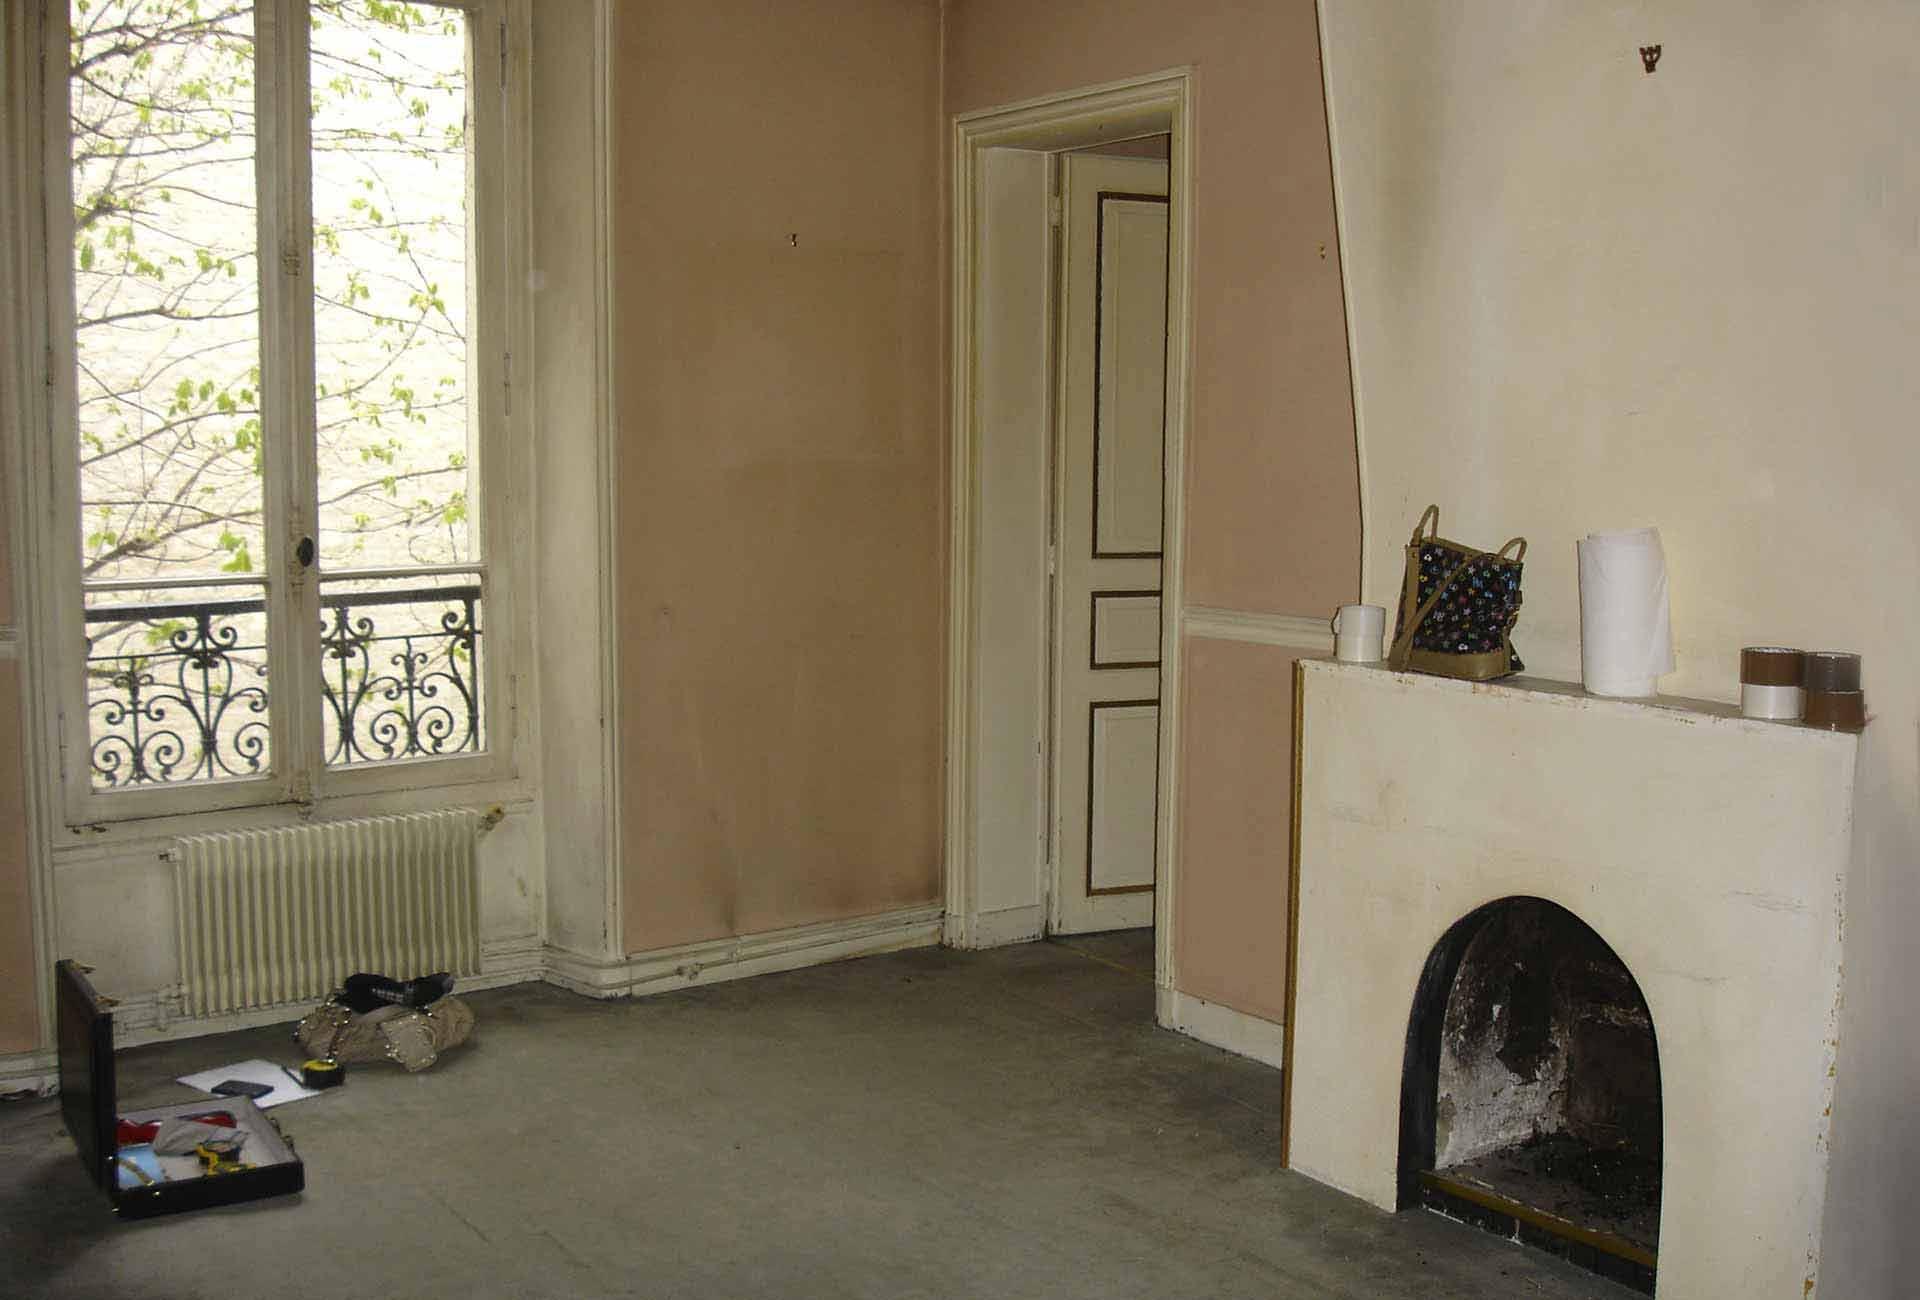 exemple-appartement-avant-renovation